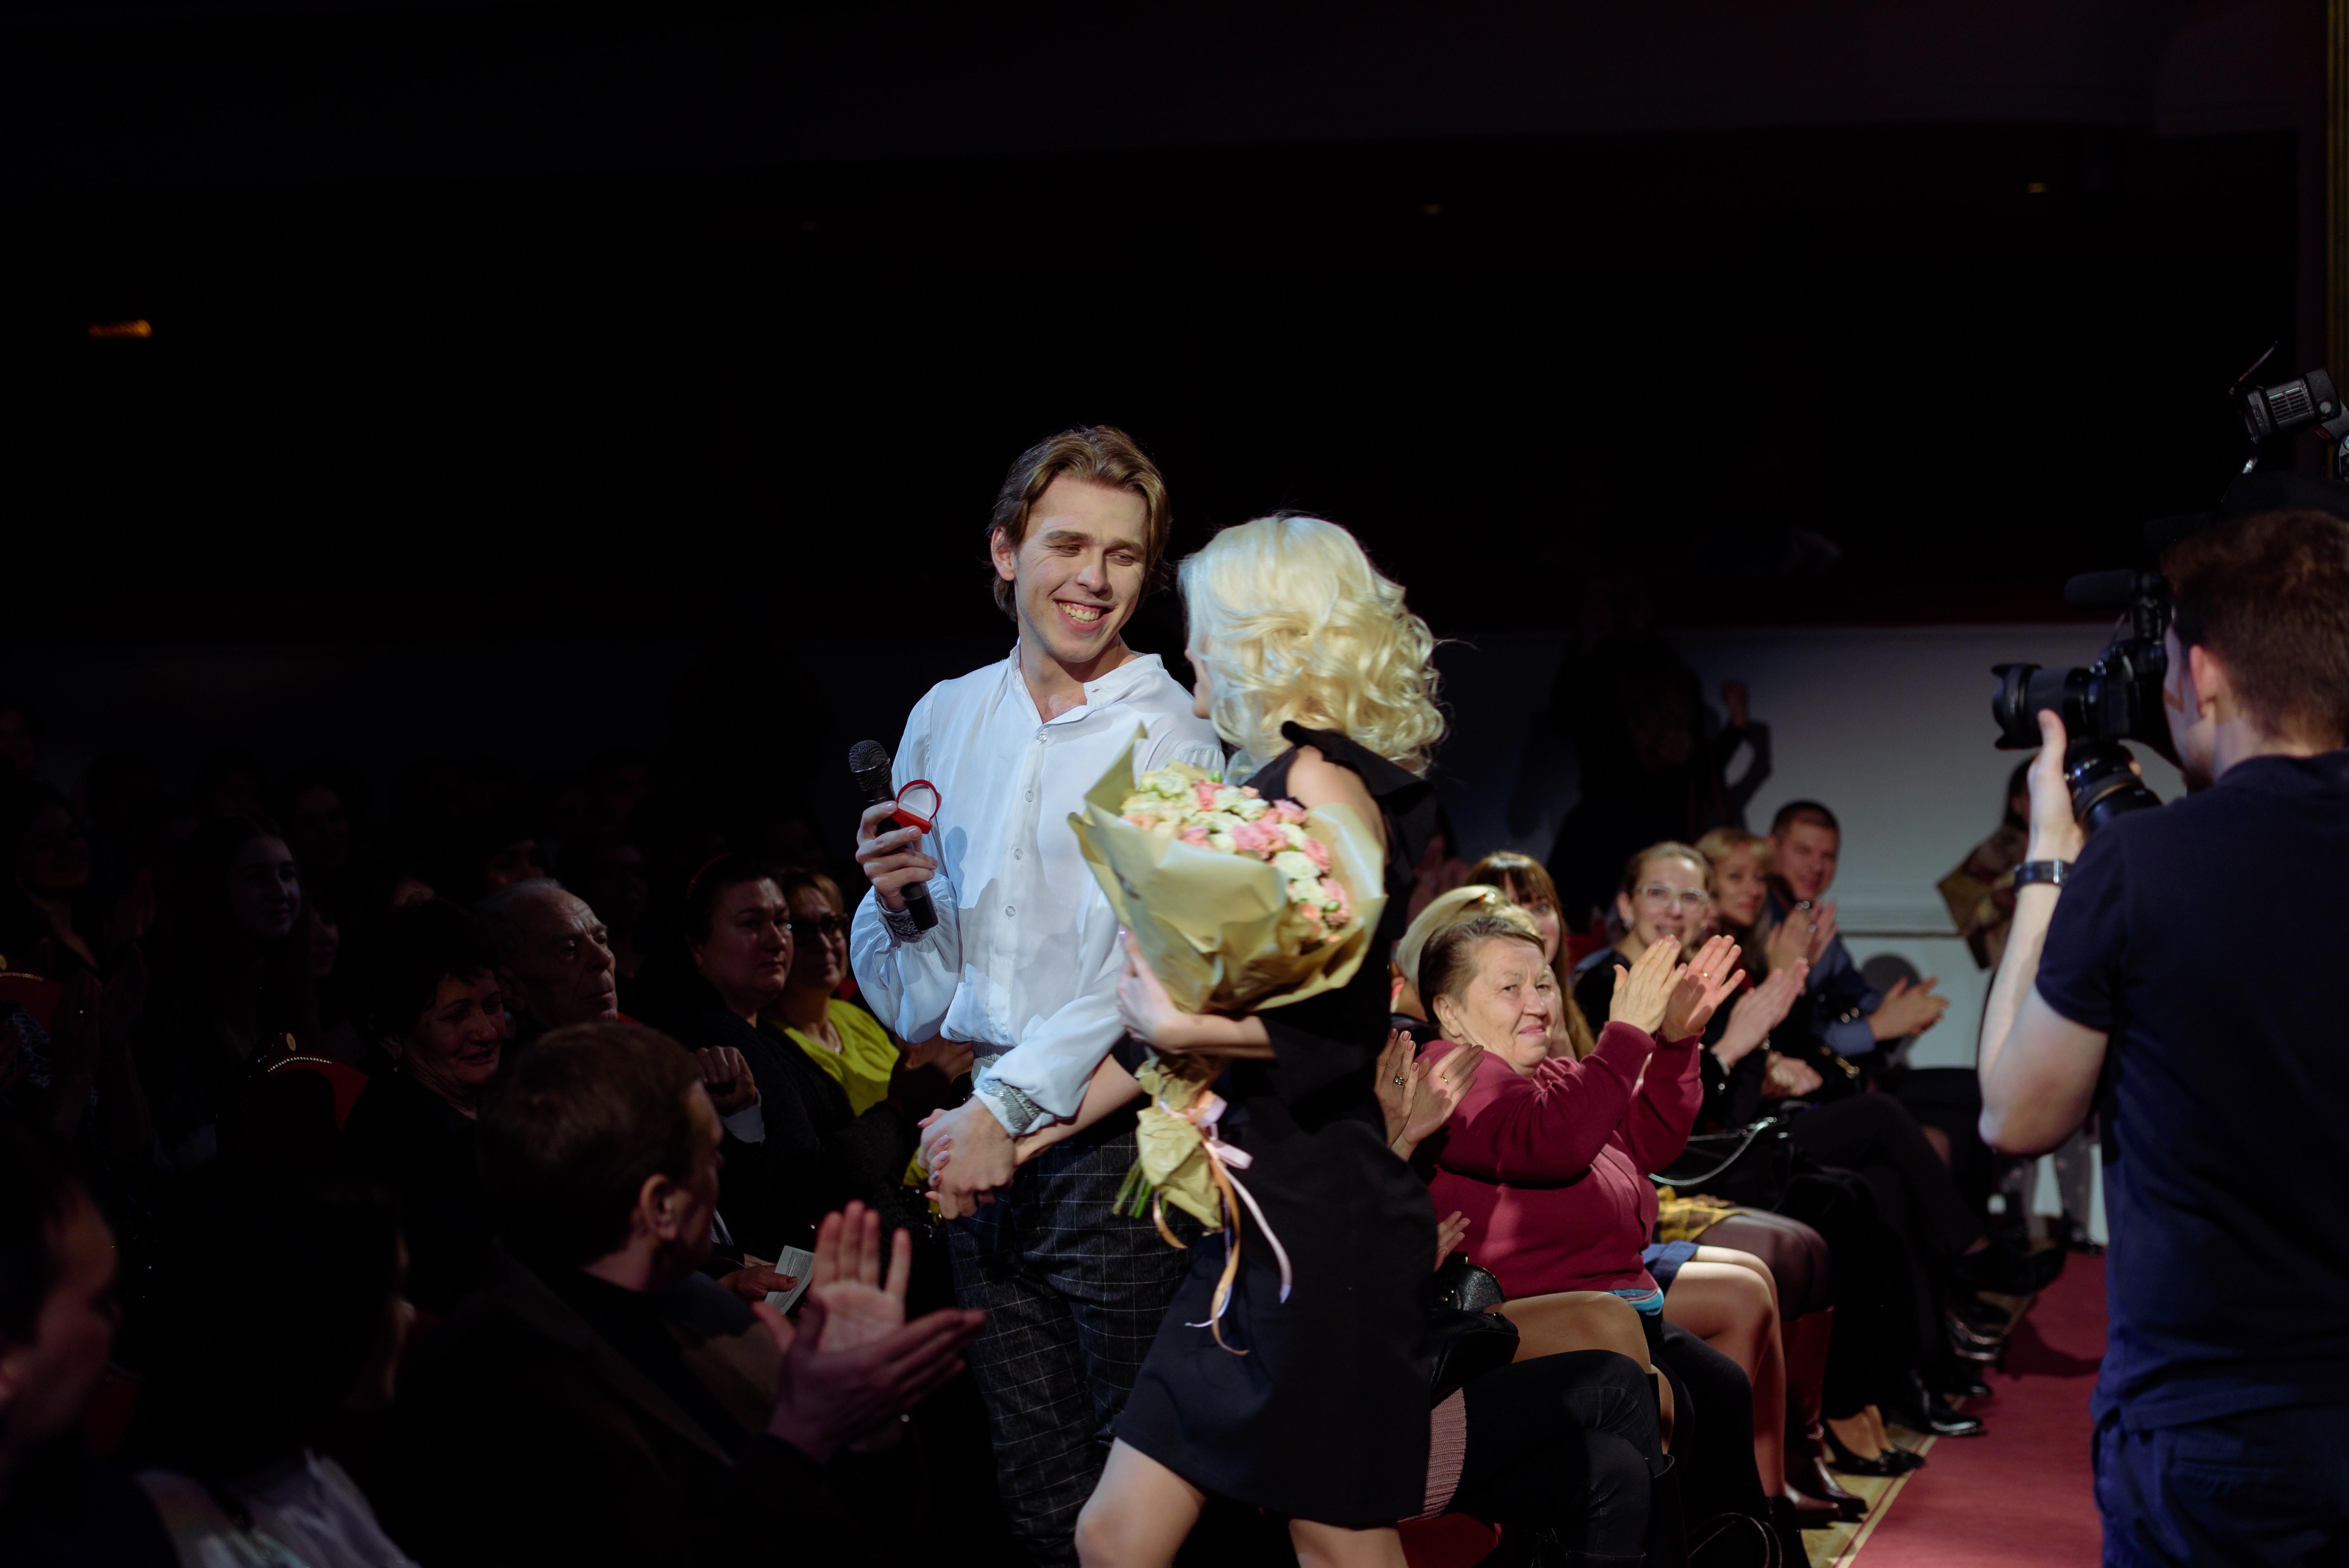 Спектакль «Ромео и Джульетта» завершился неожиданным финалом